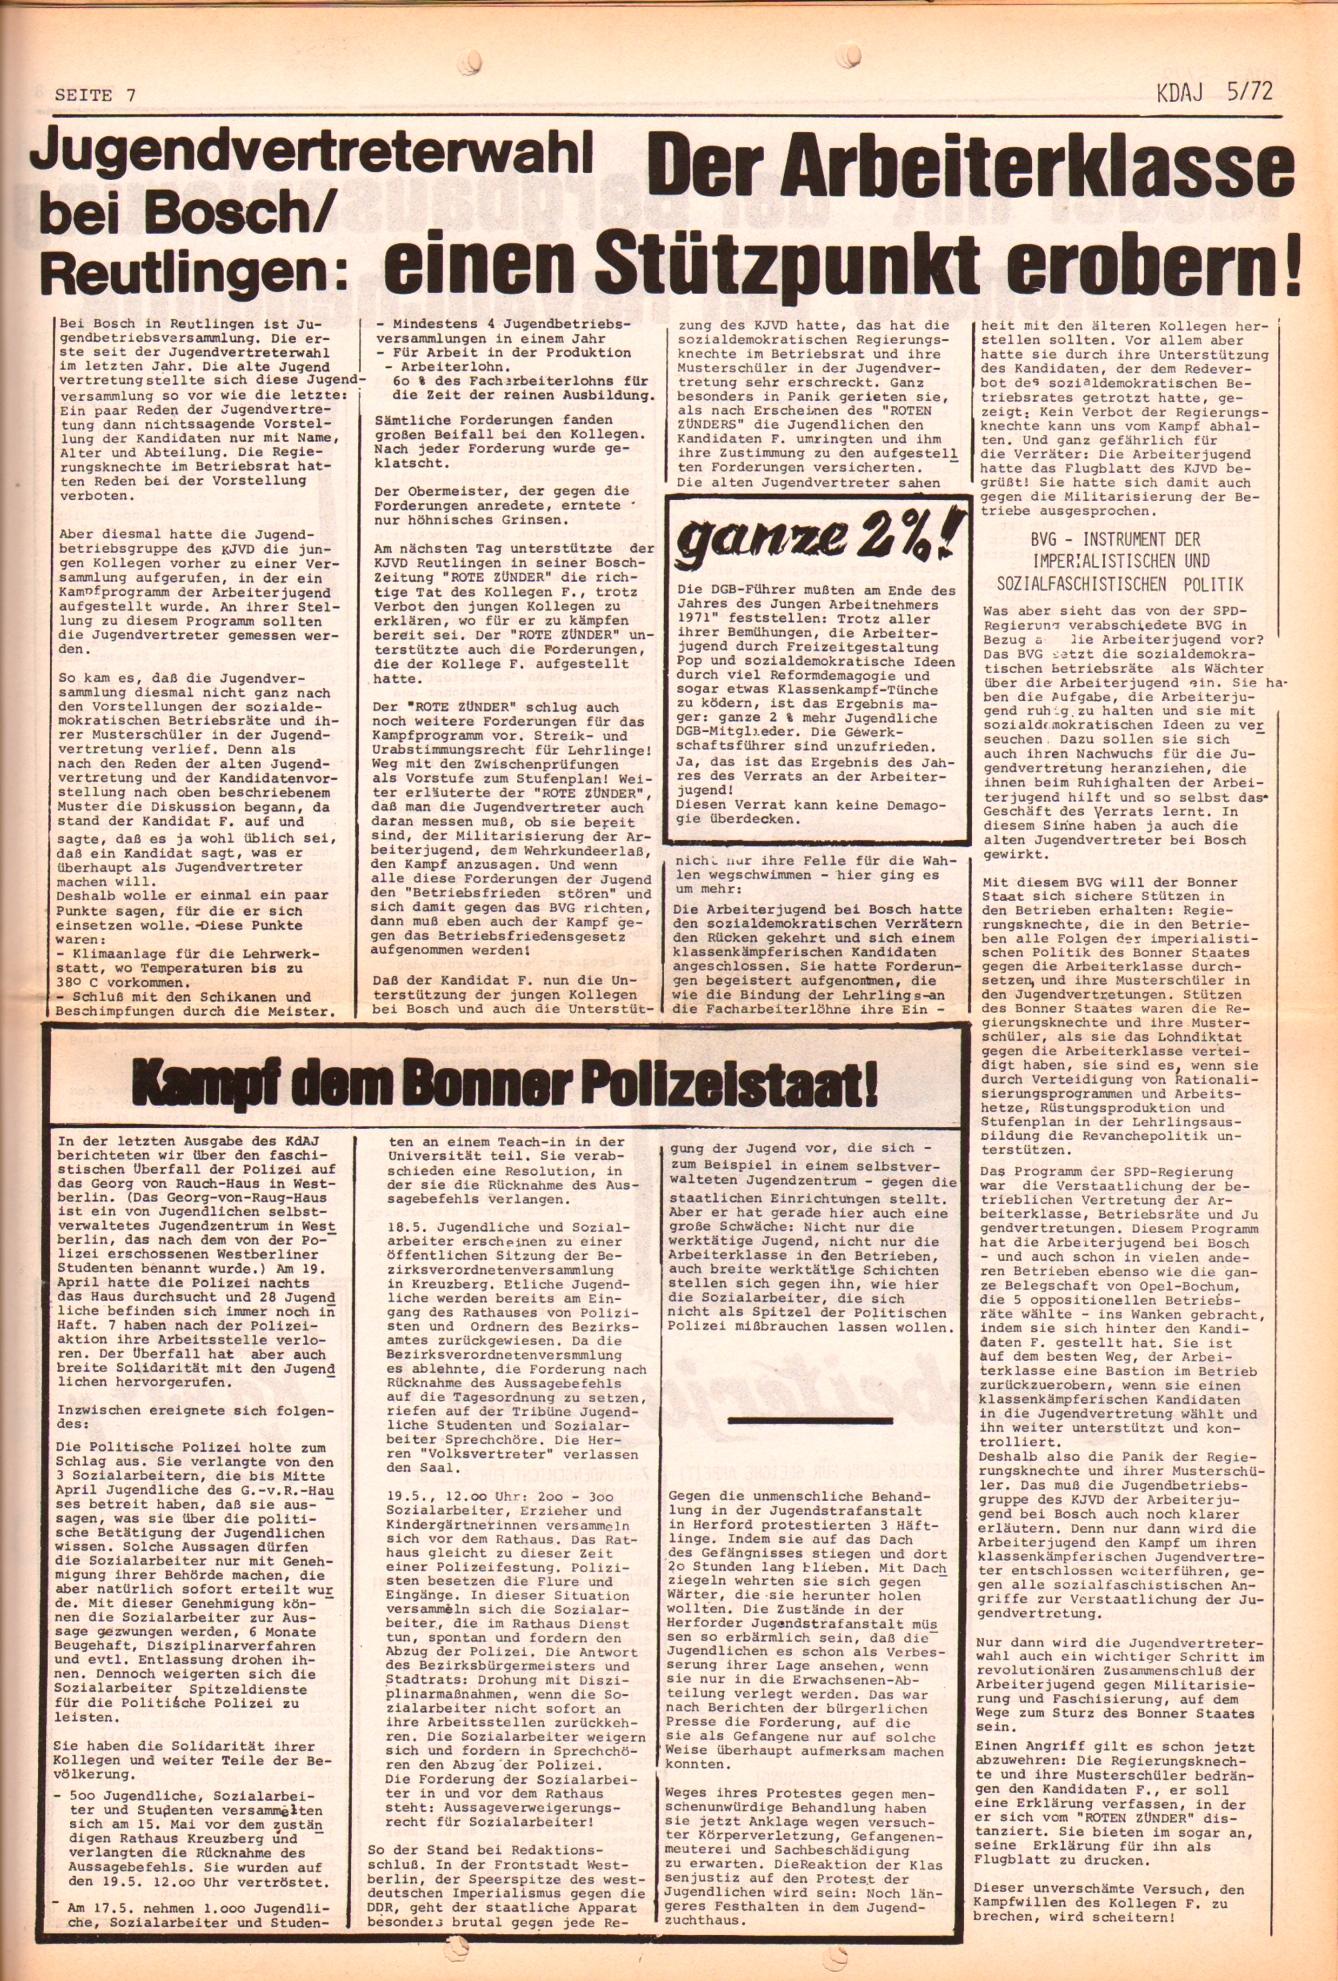 KJVD_KDAJ_1972_05_07